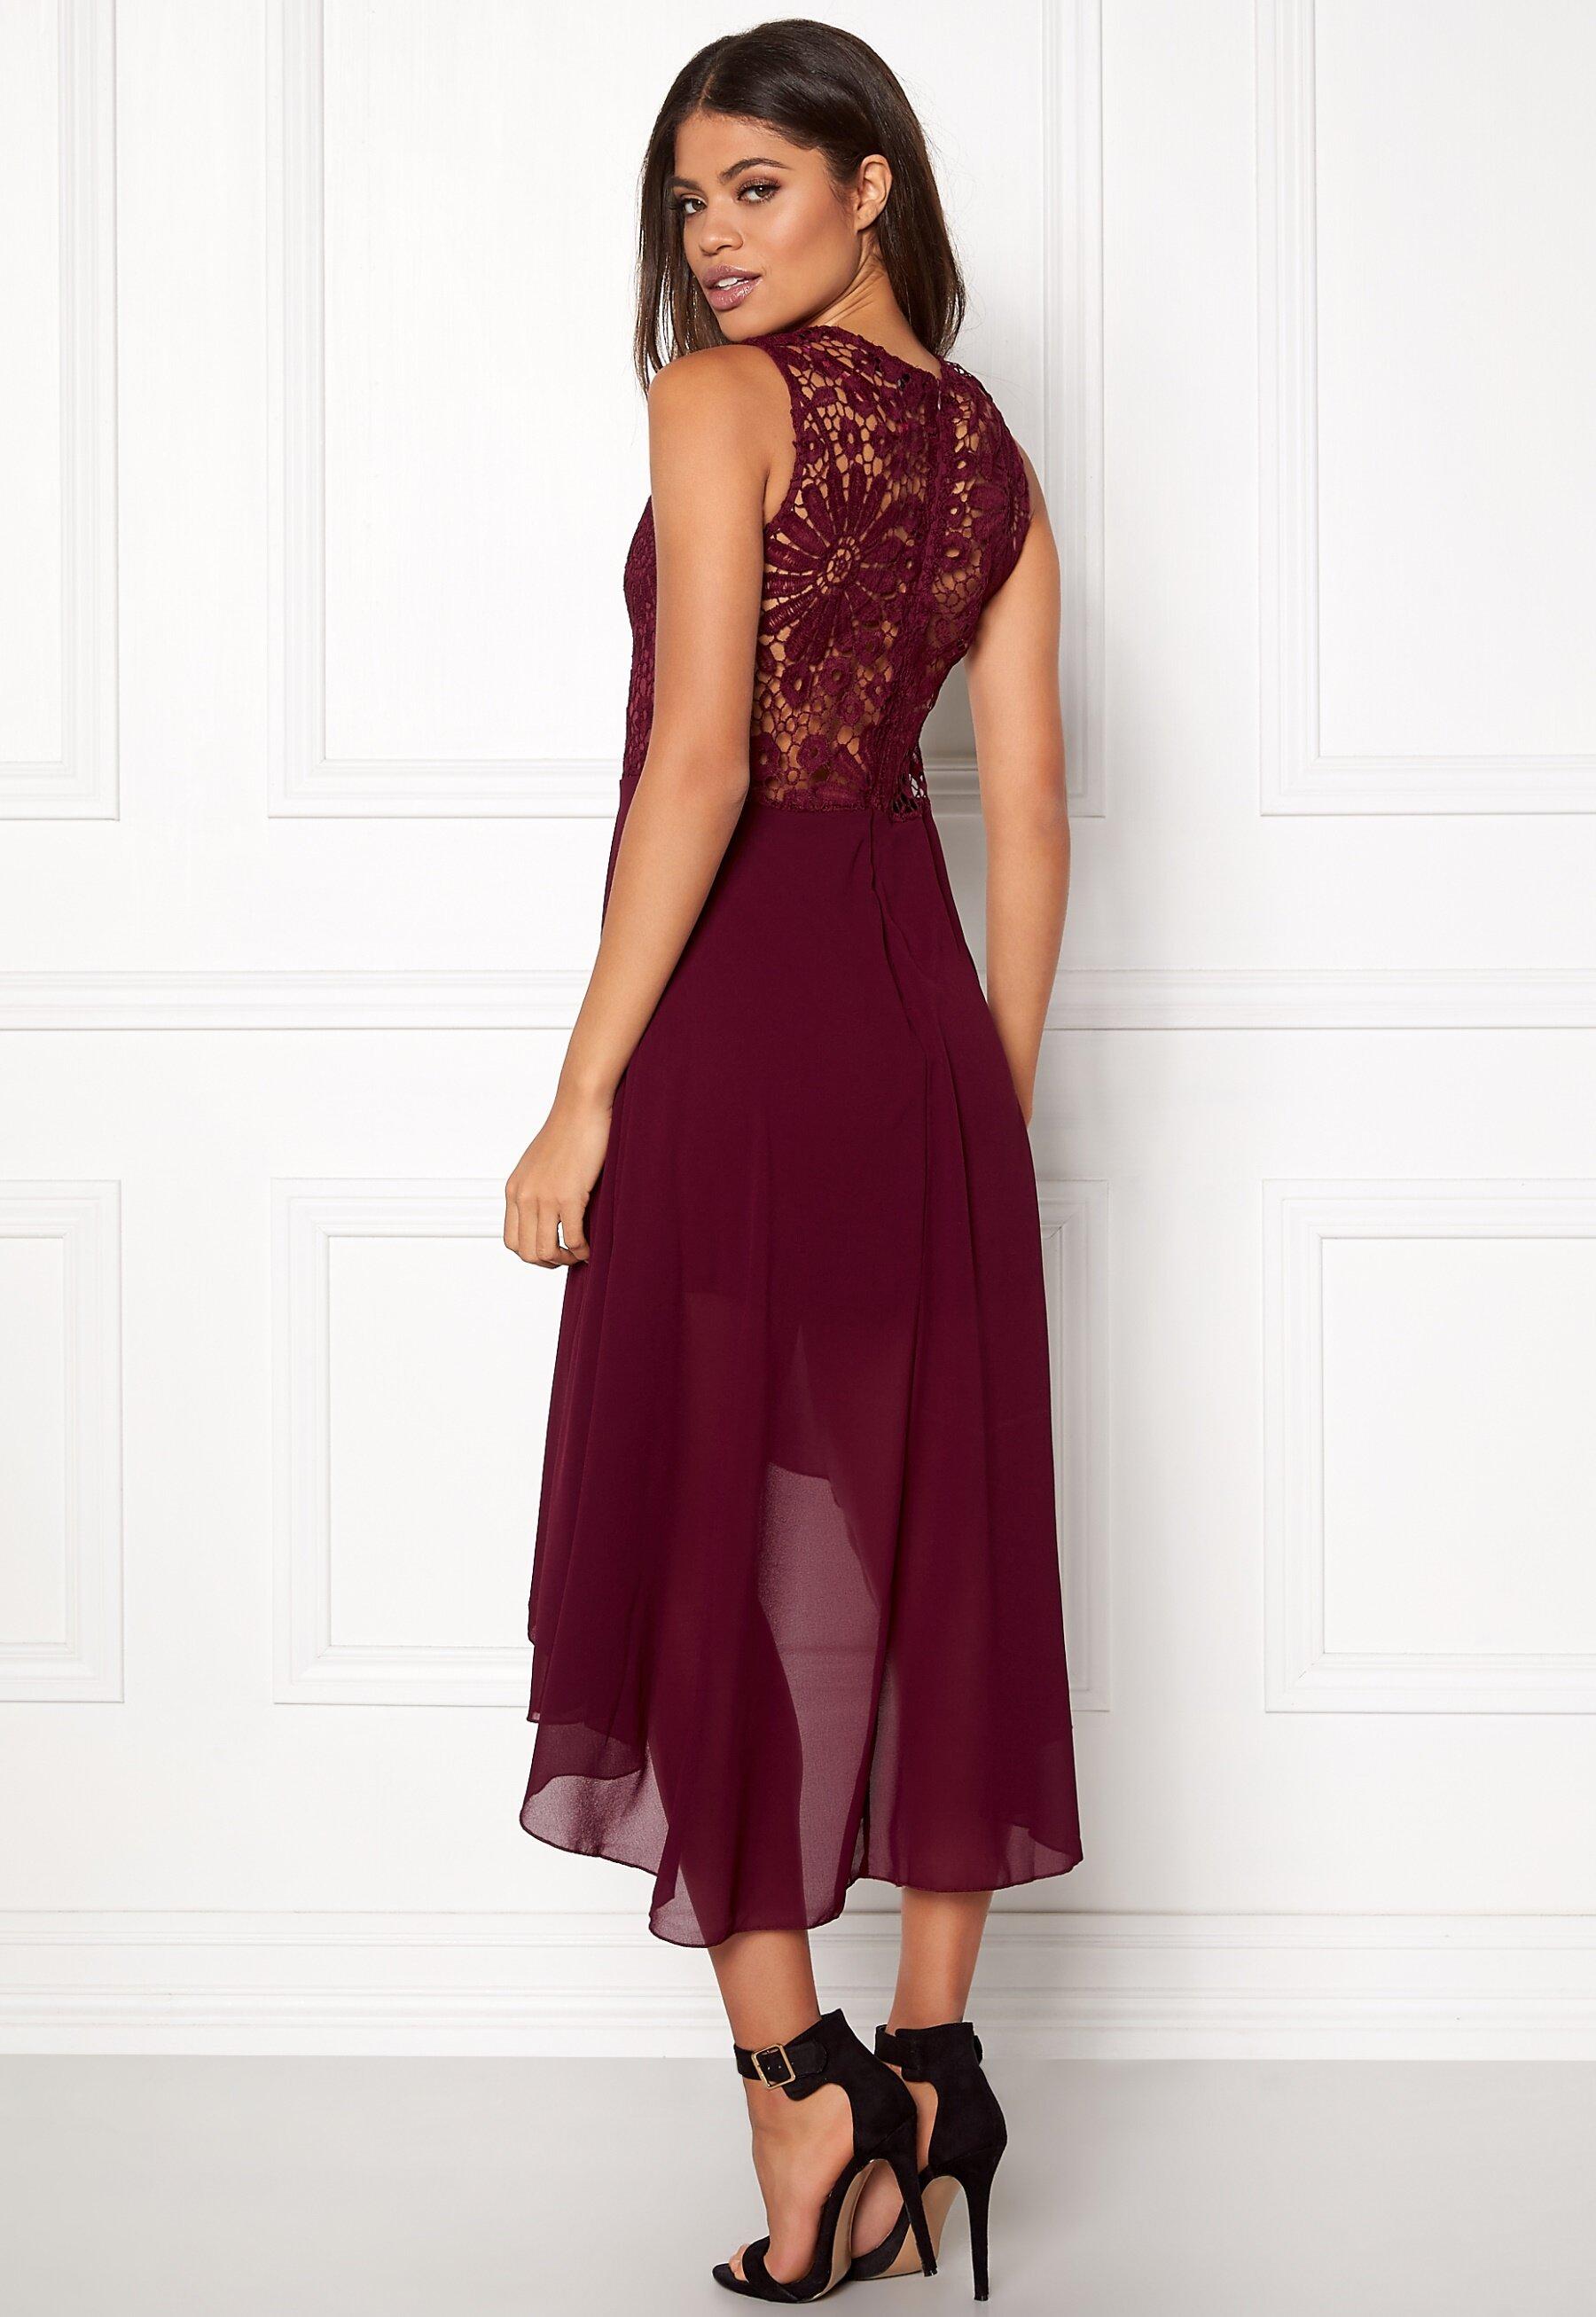 Nude Crochet Detail Double Strap Maxi Dress - AX Paris